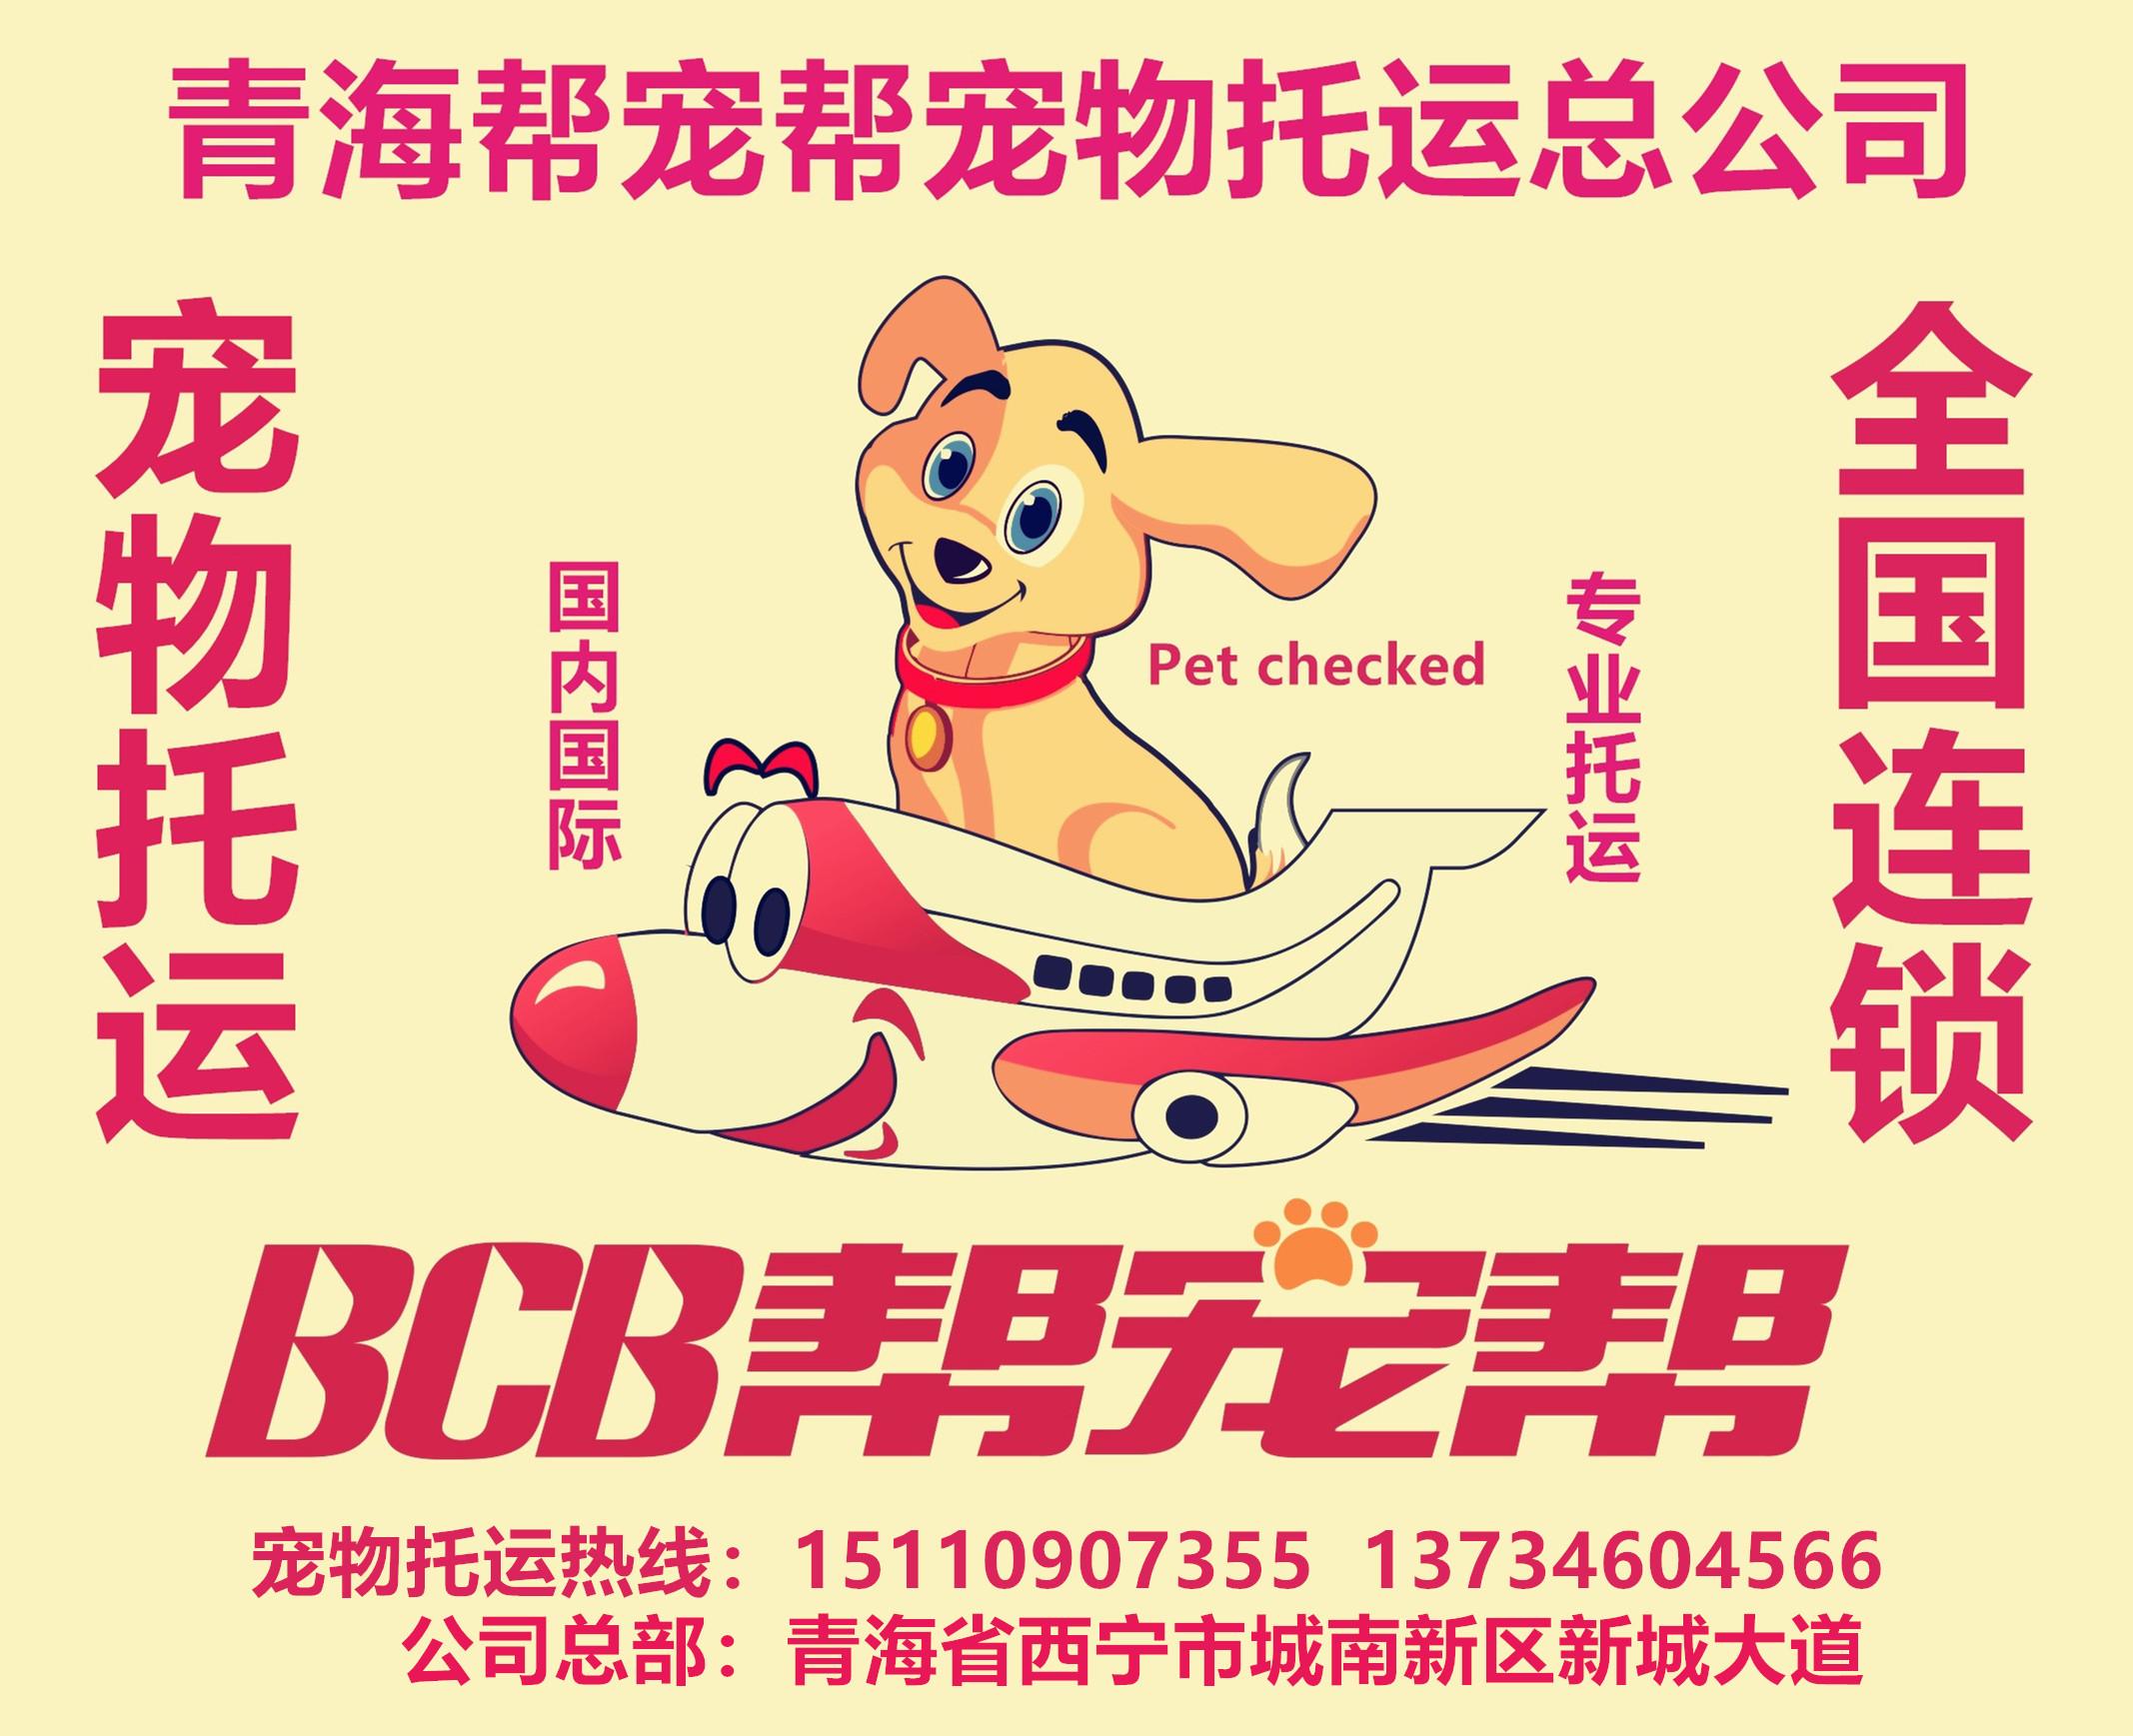 西宁帮宠帮宠物托运公司打造西宁宠物托运品牌